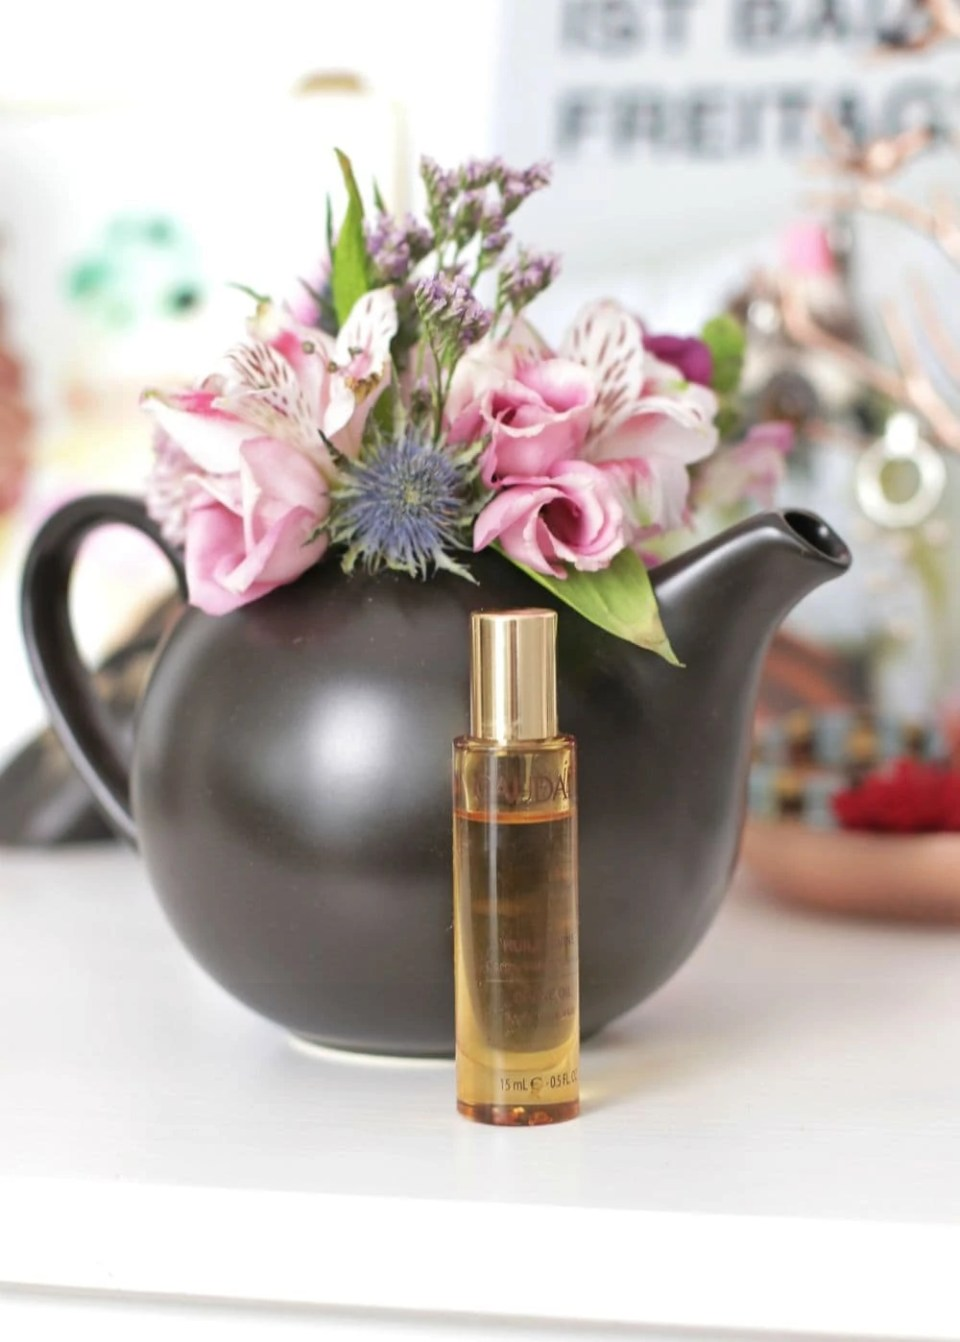 caudalie huile divine perfume